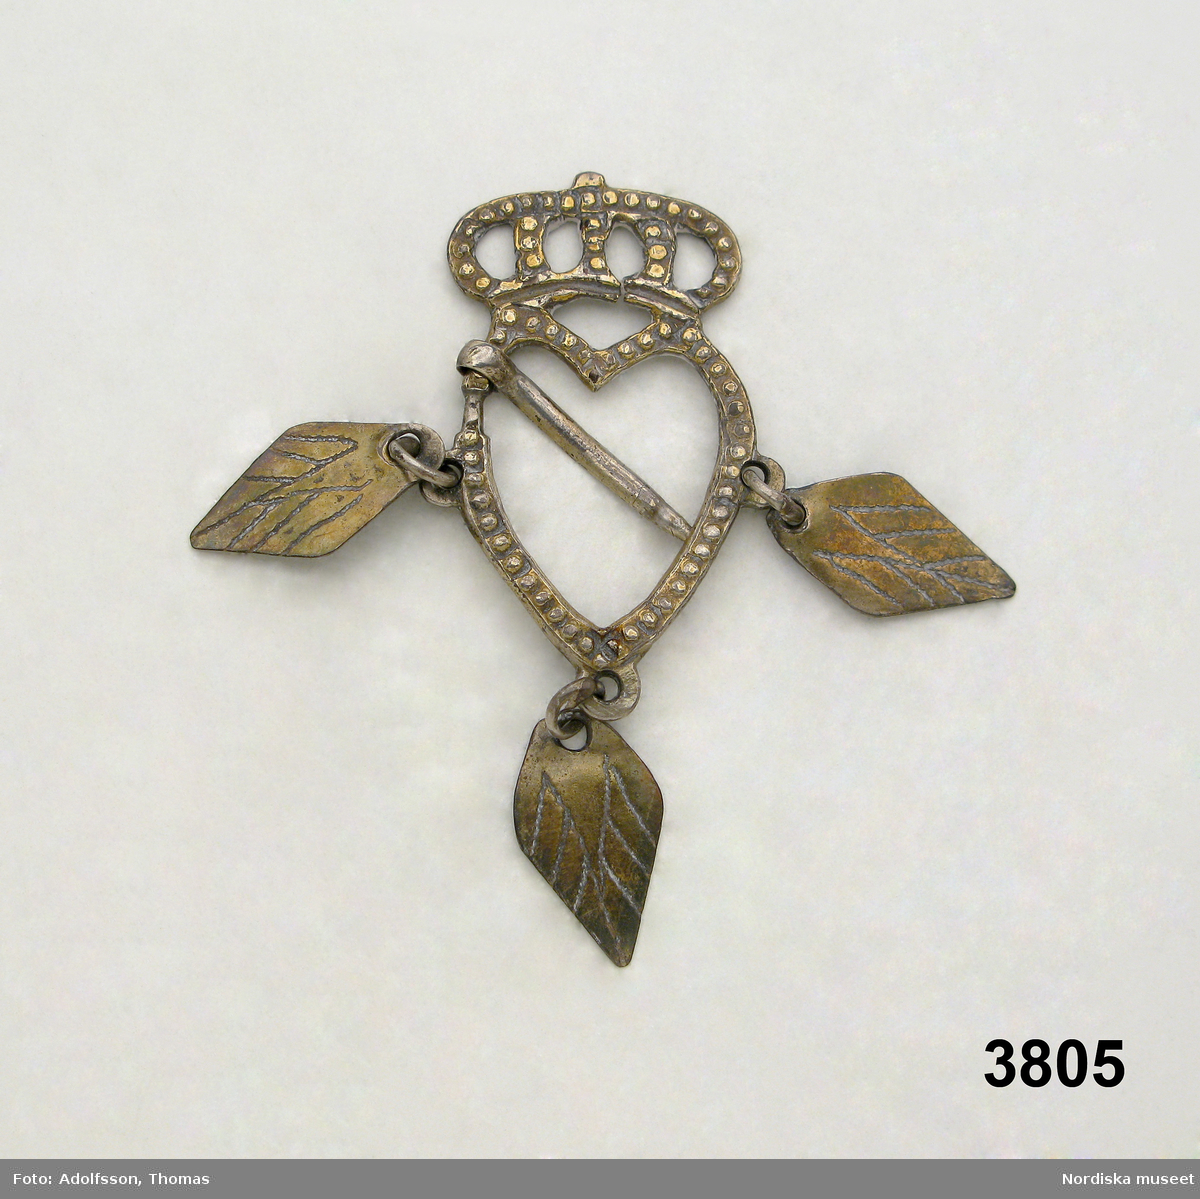 Hjärtformad sölja krönt med sluten krona och med pärlstavsdekor, svagt förgylld. 3 st rombiska hängen, torn för fastsättning i överdelens kragkanter eller på halsklädet. Spricka i kronans bas. /Berit Eldvik juni 2005